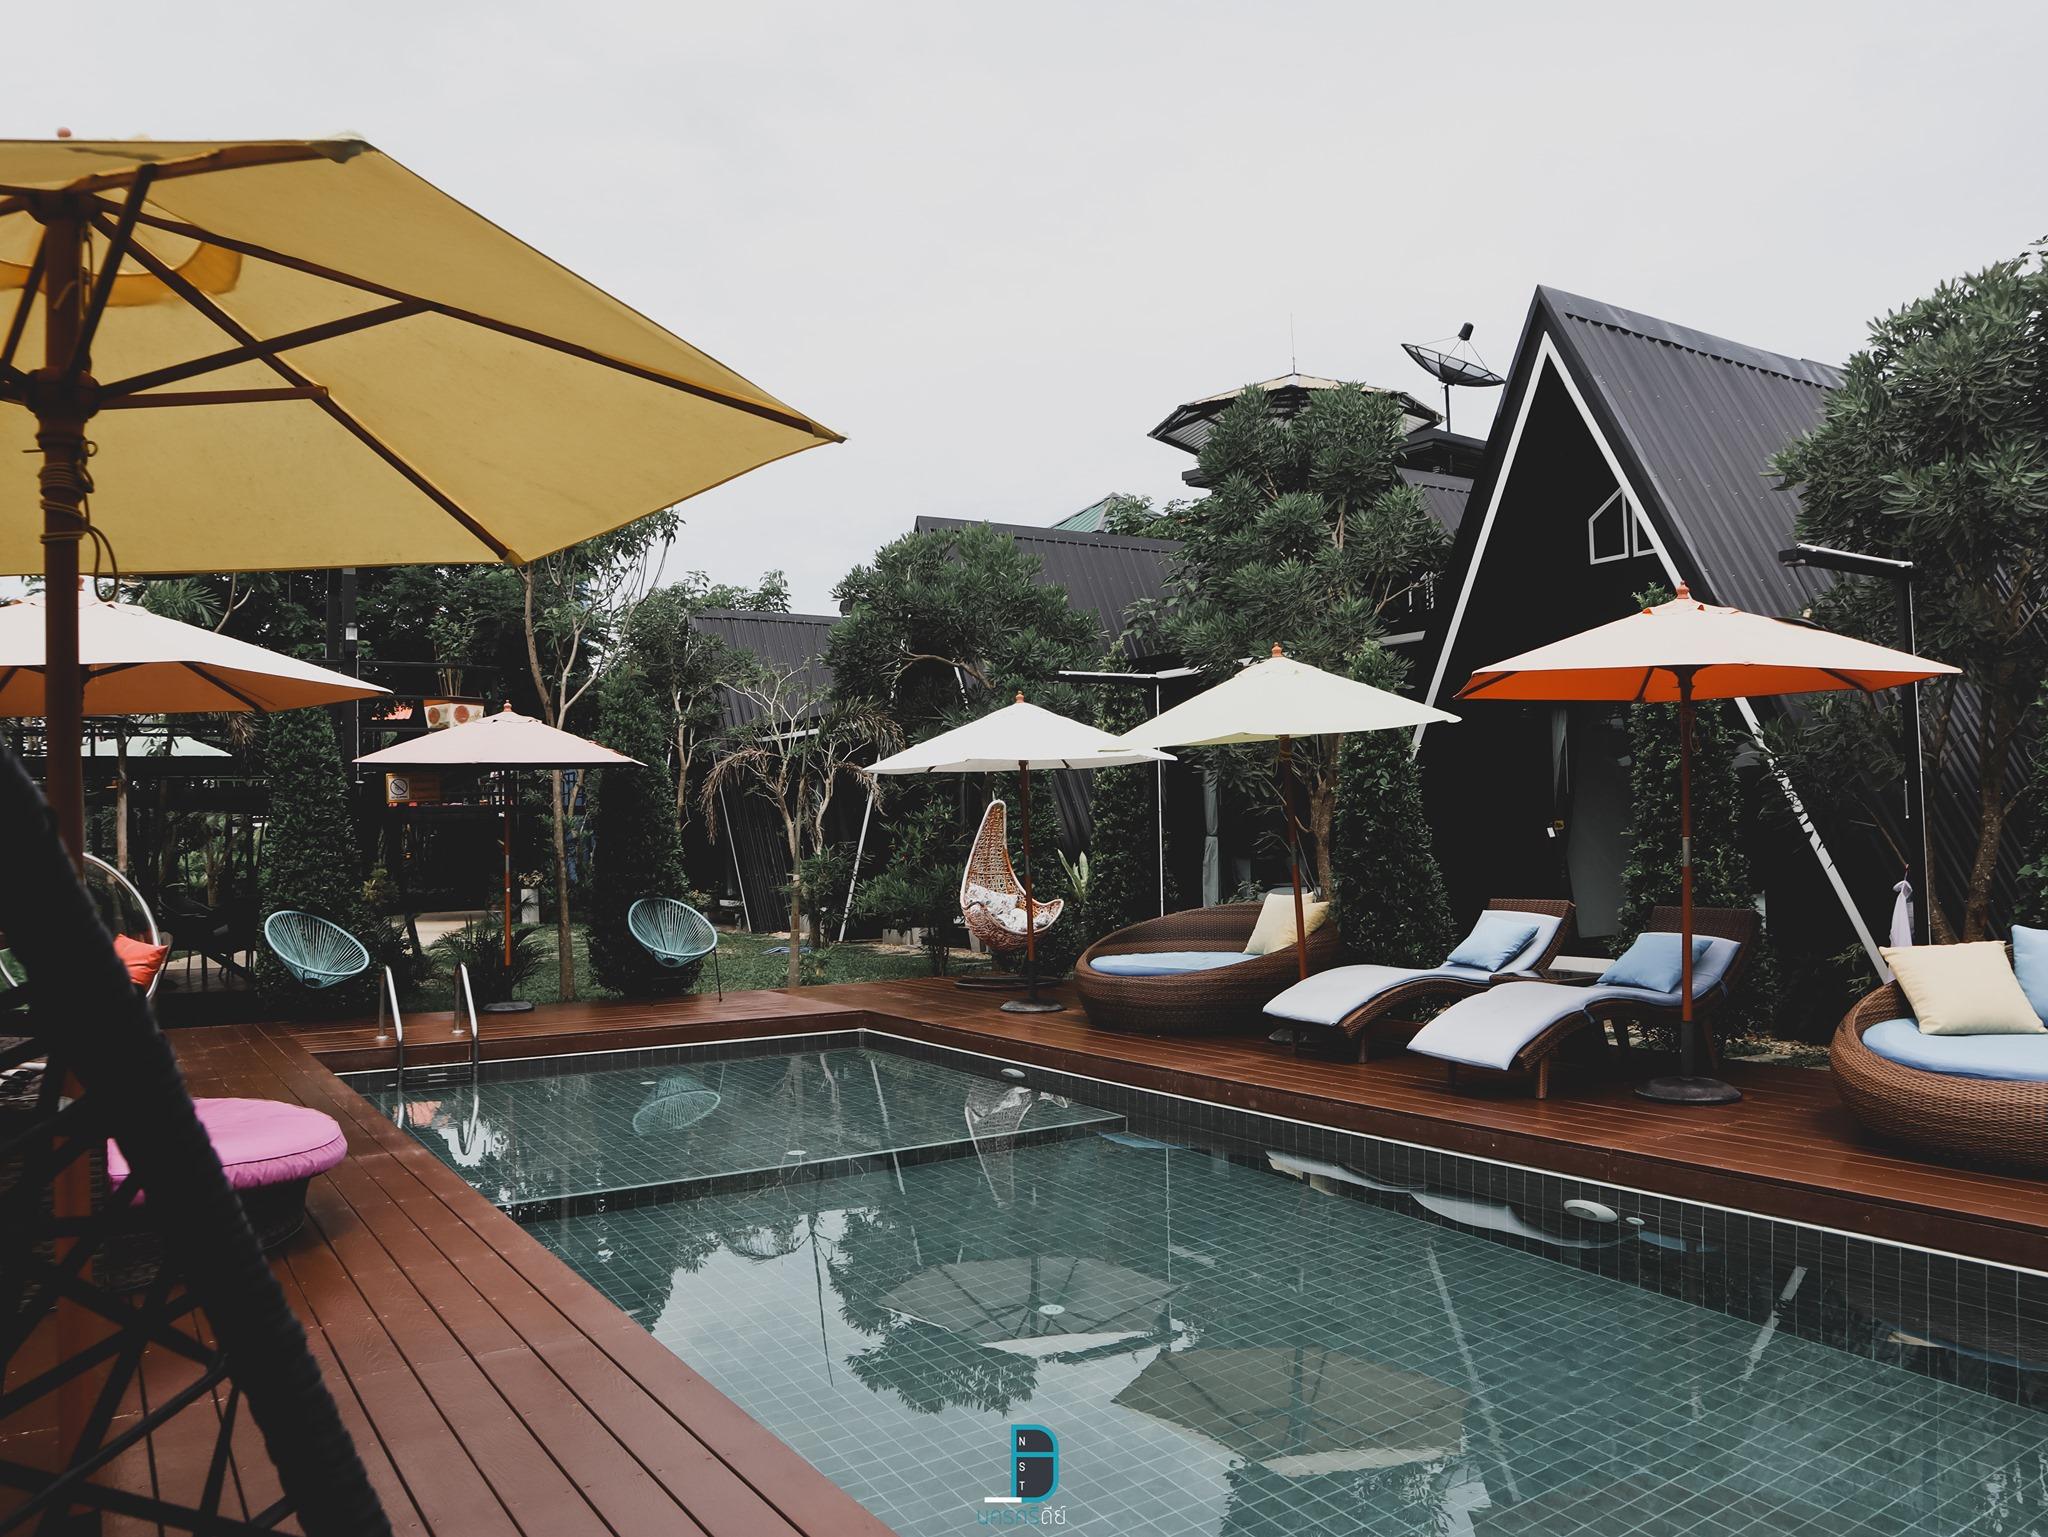 สุภานันท์,รีสอร์ท,ที่พัก,วิวหลักล้าน,คาเฟ่,โรงแรมมีสระว่ายน้ำ,สวยงาม,poolvilla